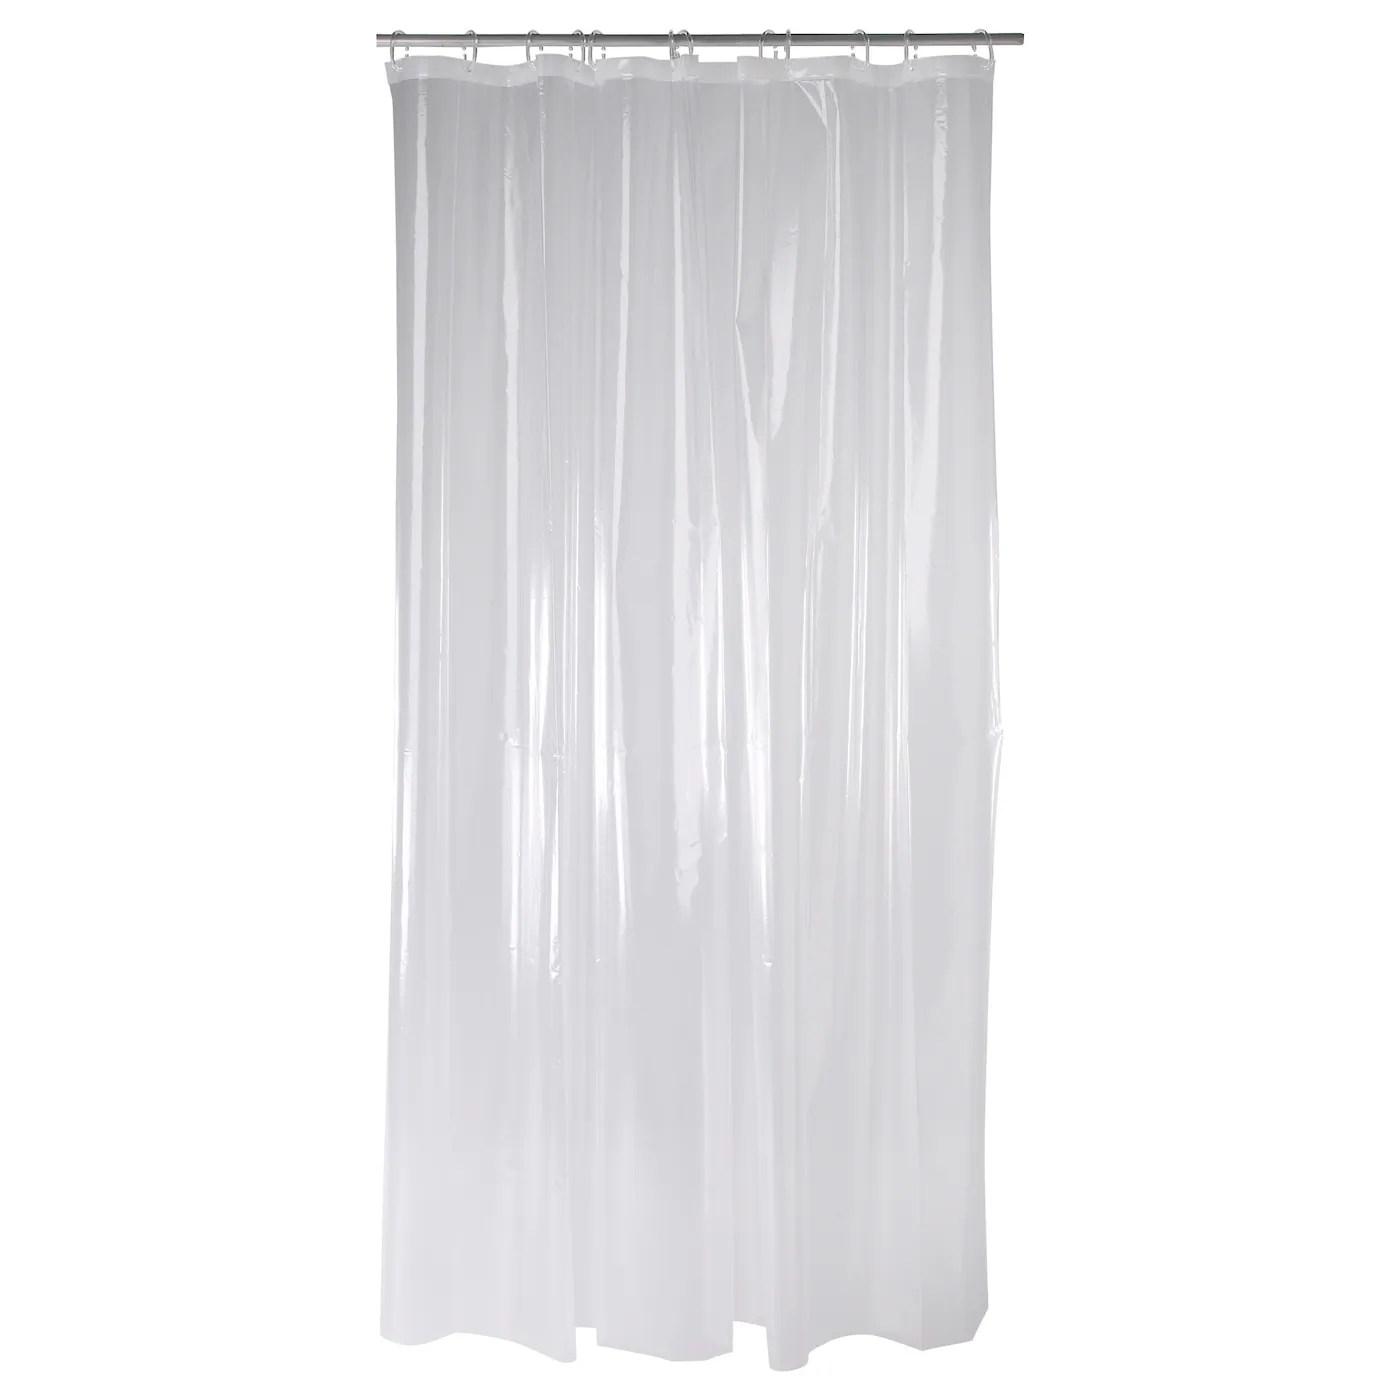 nackten rideau de douche transparent 71x71 180x180 cm